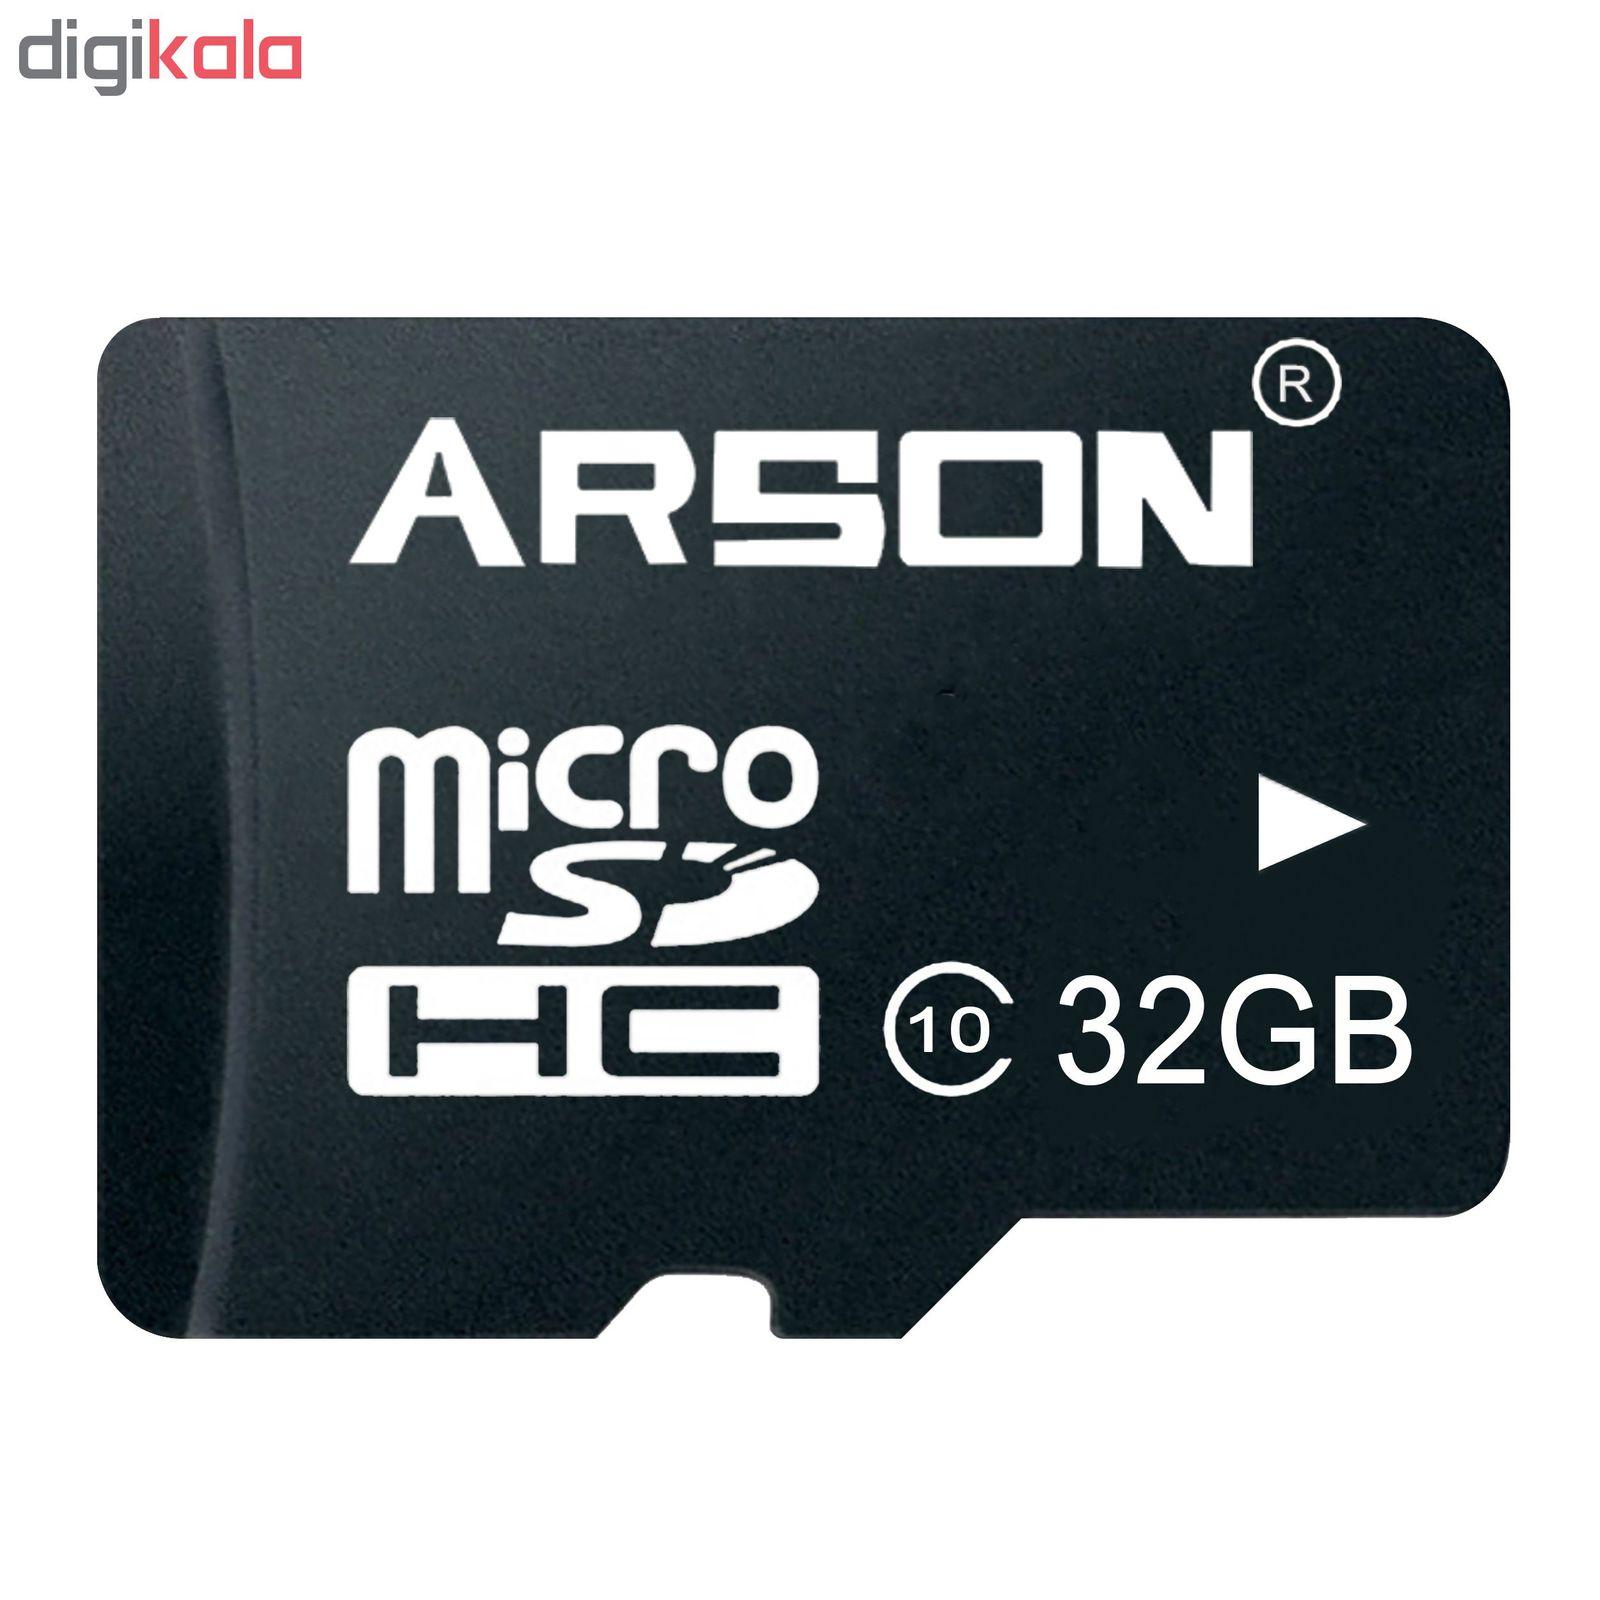 کارت حافظه microSDHC آرسون مدل AM-2132 کلاس 10 استاندارد U1 سرعت 80MBps ظرفیت 32 گیگابایت